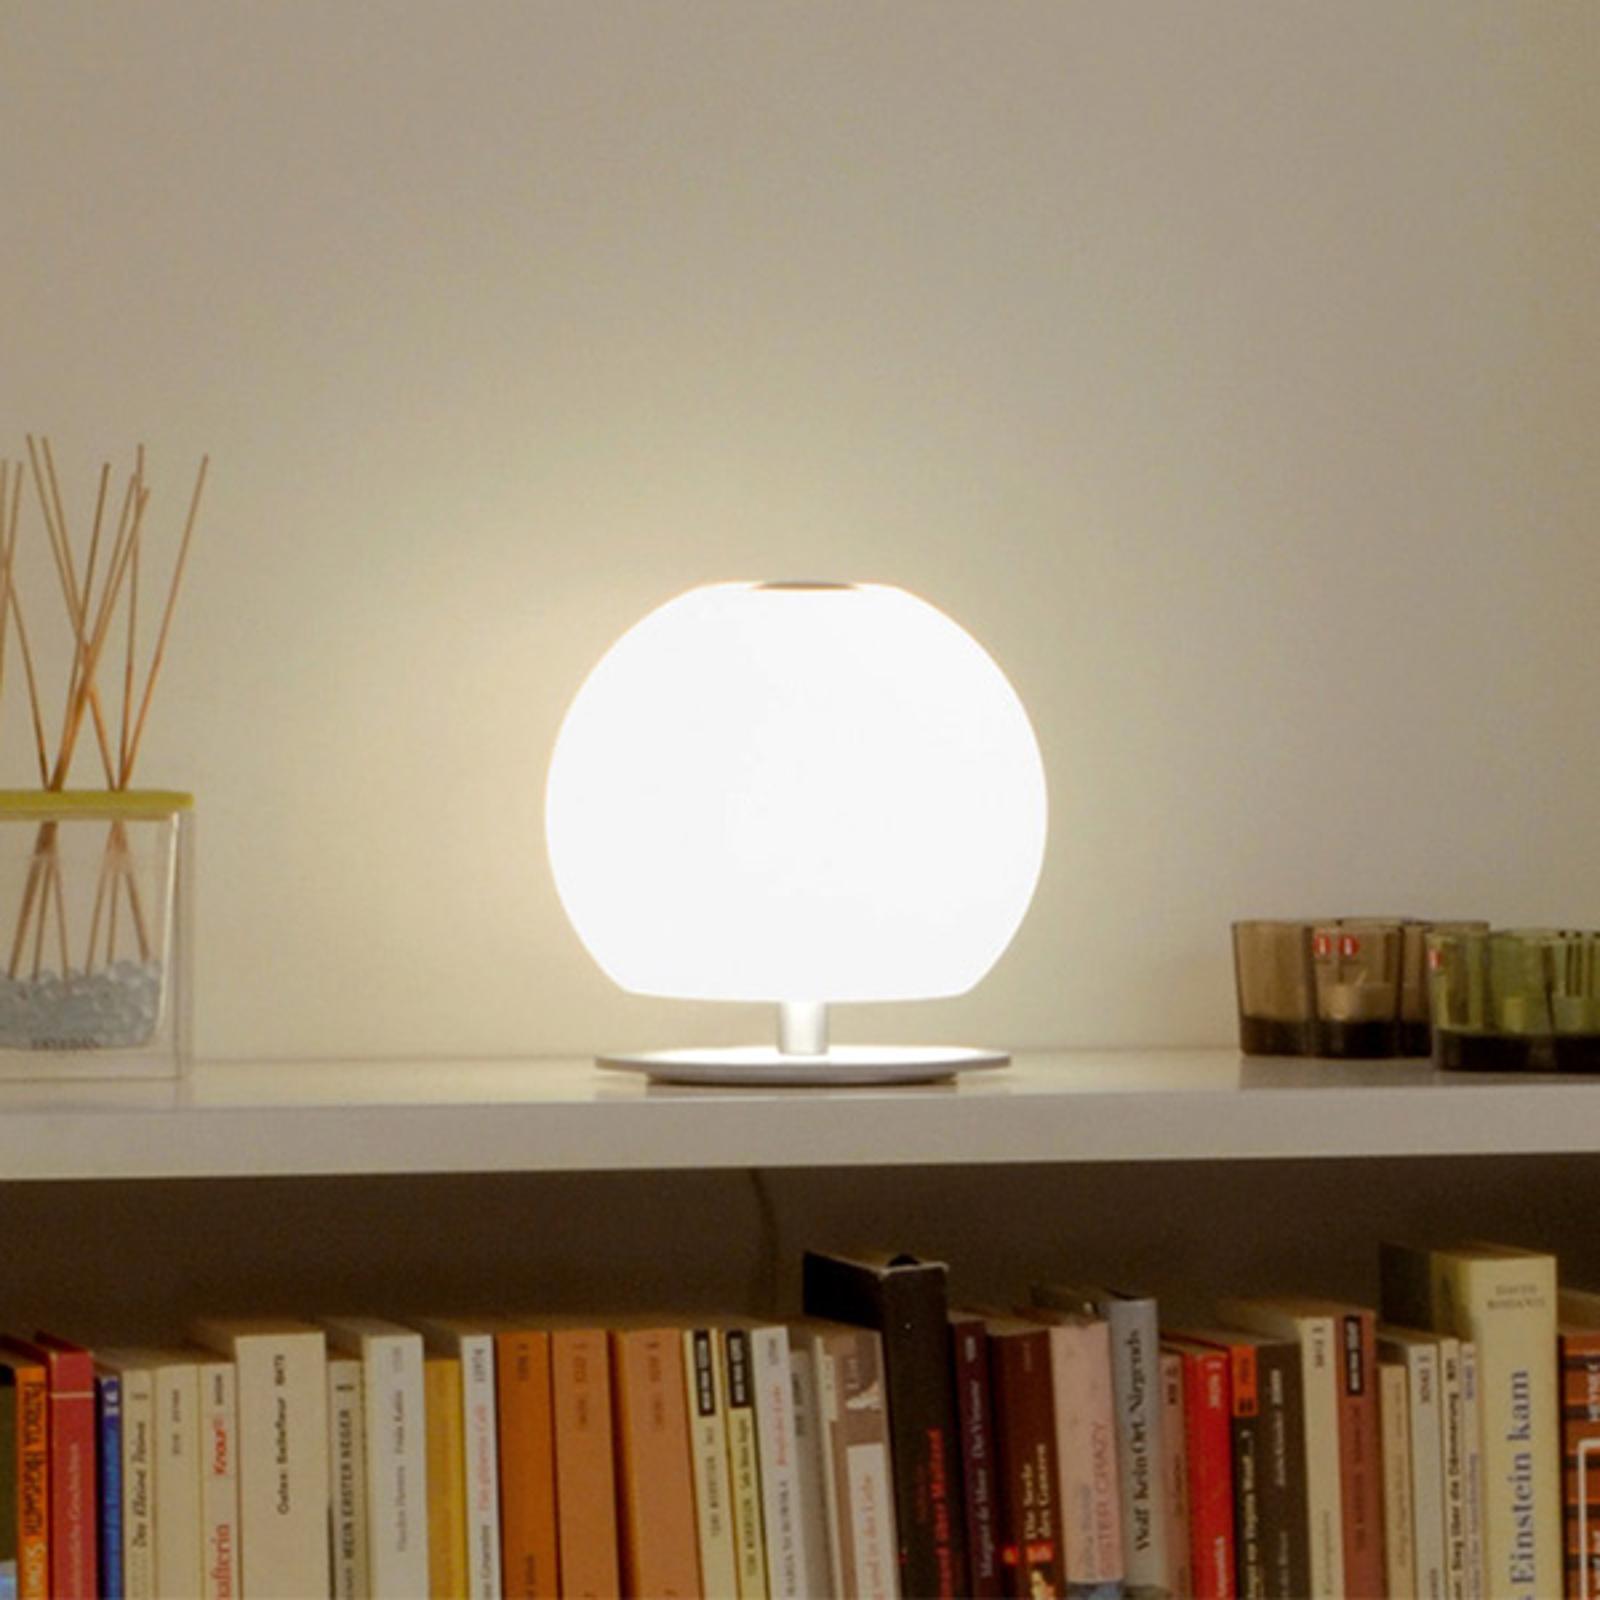 Casablanca Ball bordslampa, höjd 20 cm